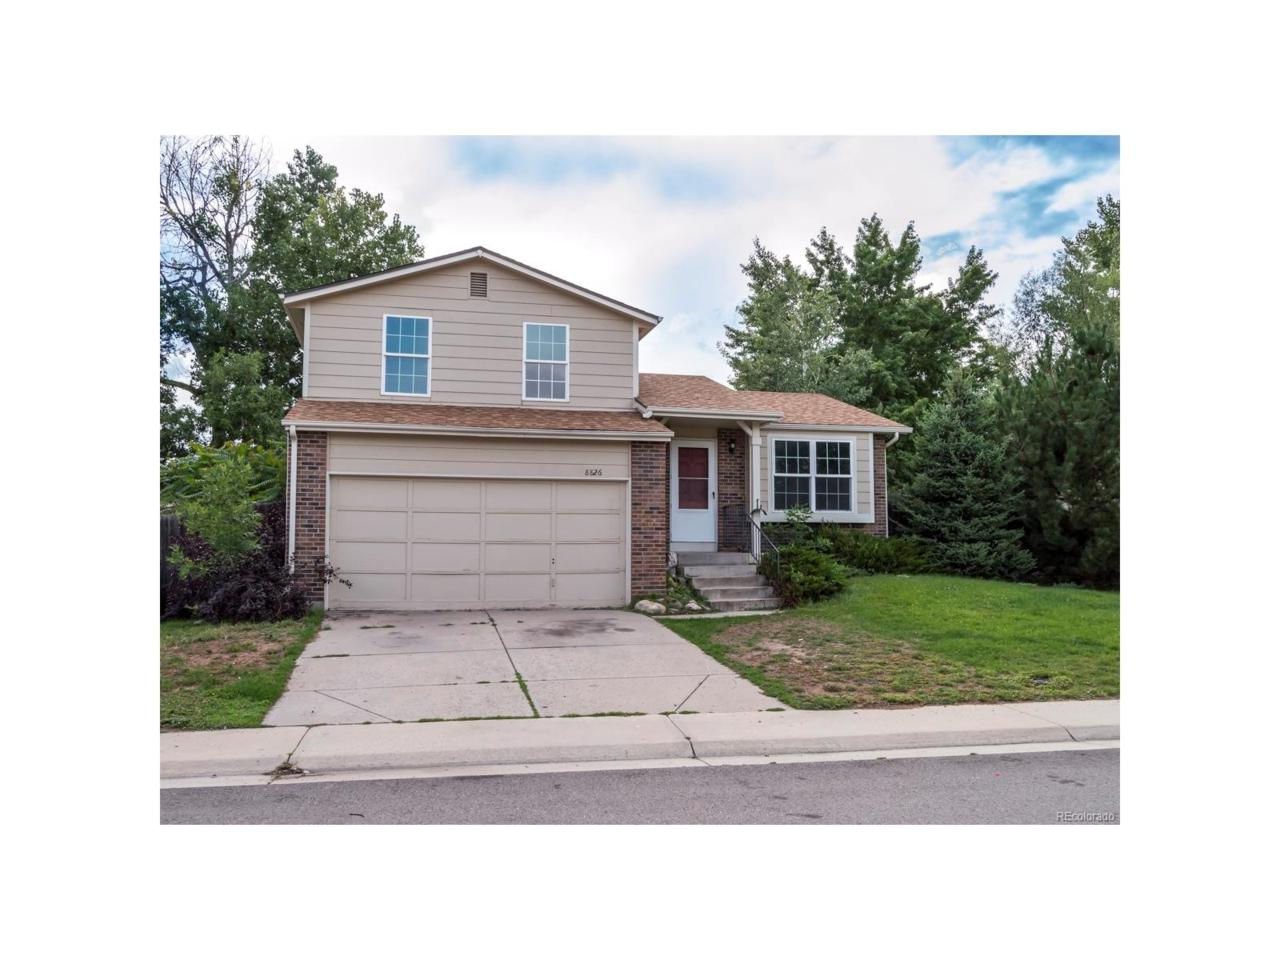 8826 W Teton Circle, Littleton, CO 80128 (MLS #5510206) :: 8z Real Estate